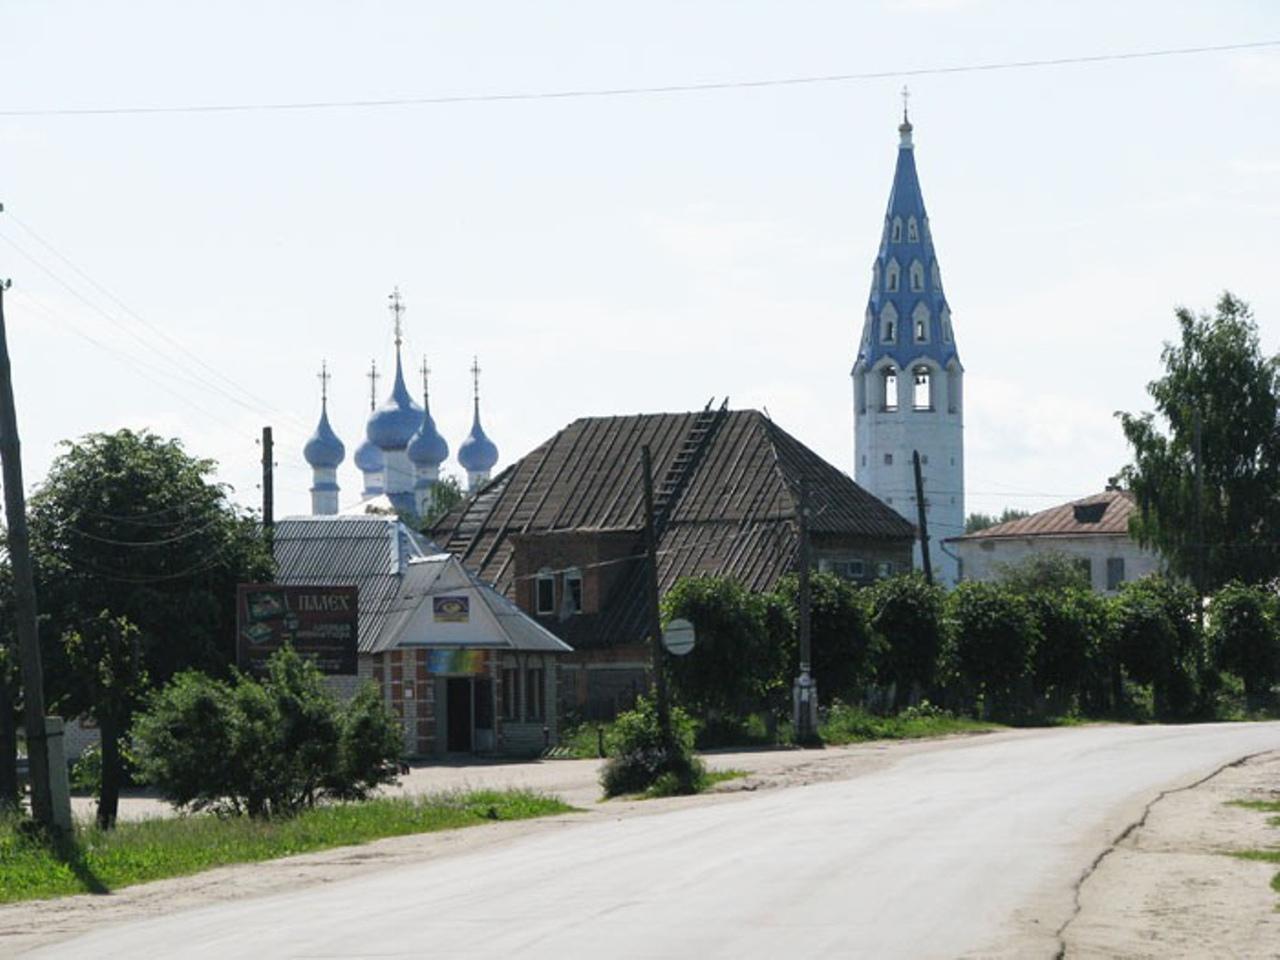 Поселок юбилейный пляж фото краснодарский край рассматривать